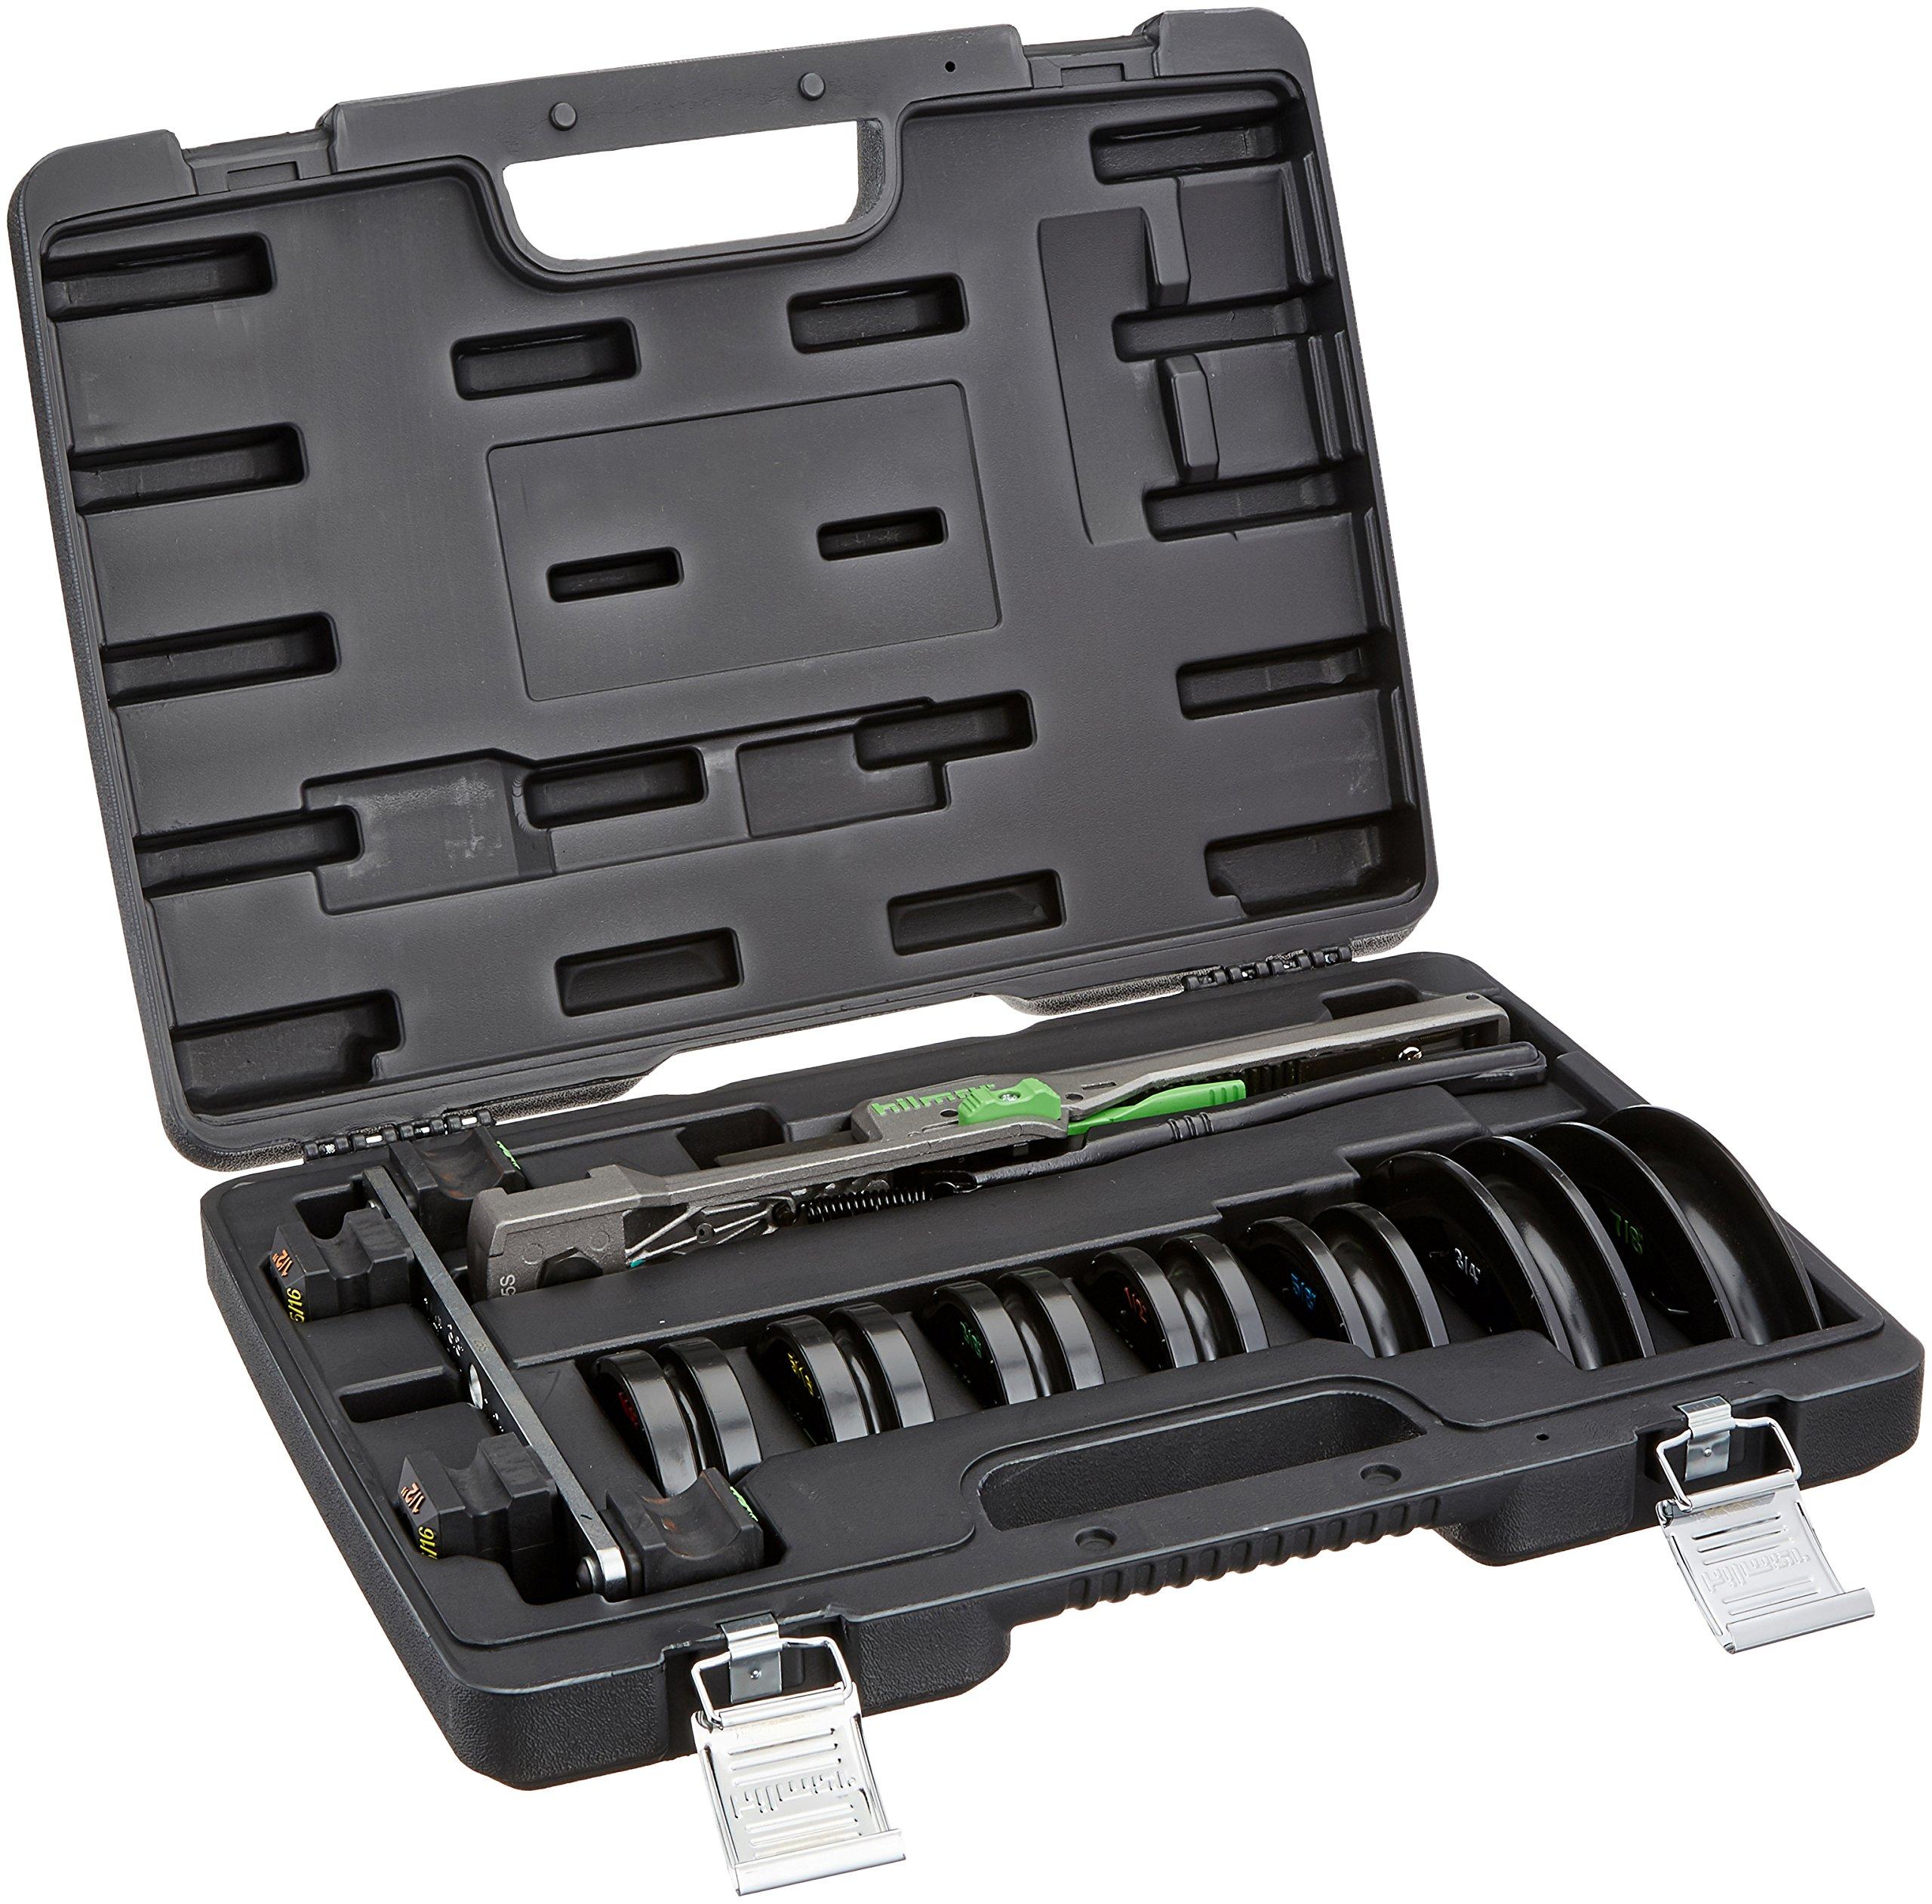 hilmor 1839032 CBK Compact Bender Kit, 1/4'' to 7/8''